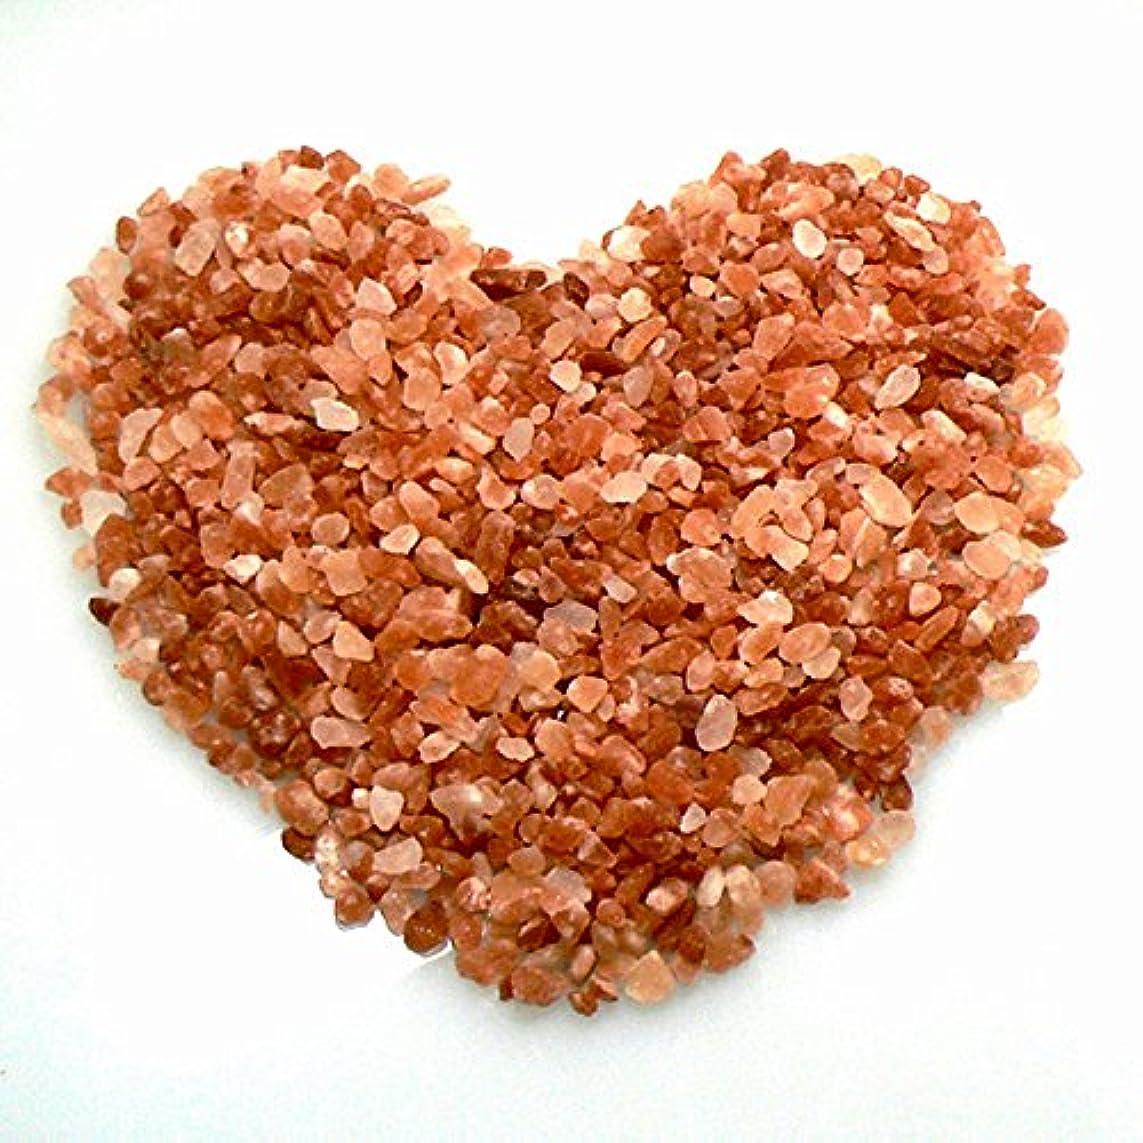 受信プロフェッショナル用量ヒマラヤ岩塩 ピンクソルト 入浴用 バスソルト(小粒)5kg ピンク岩塩